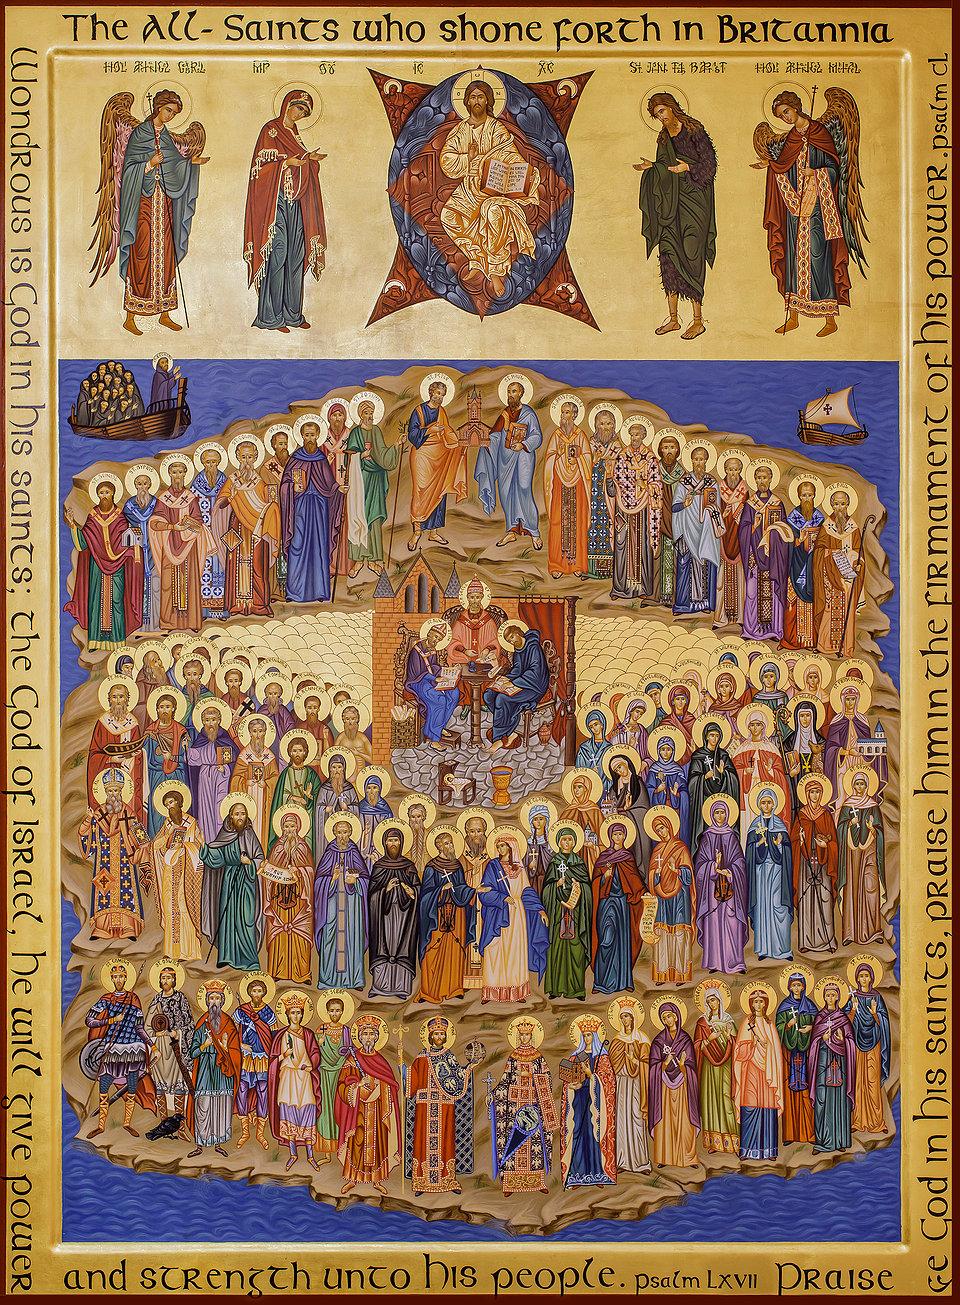 Αρχαία Ορθόδοξη Βρετανική-Κελτική Εκκλησία